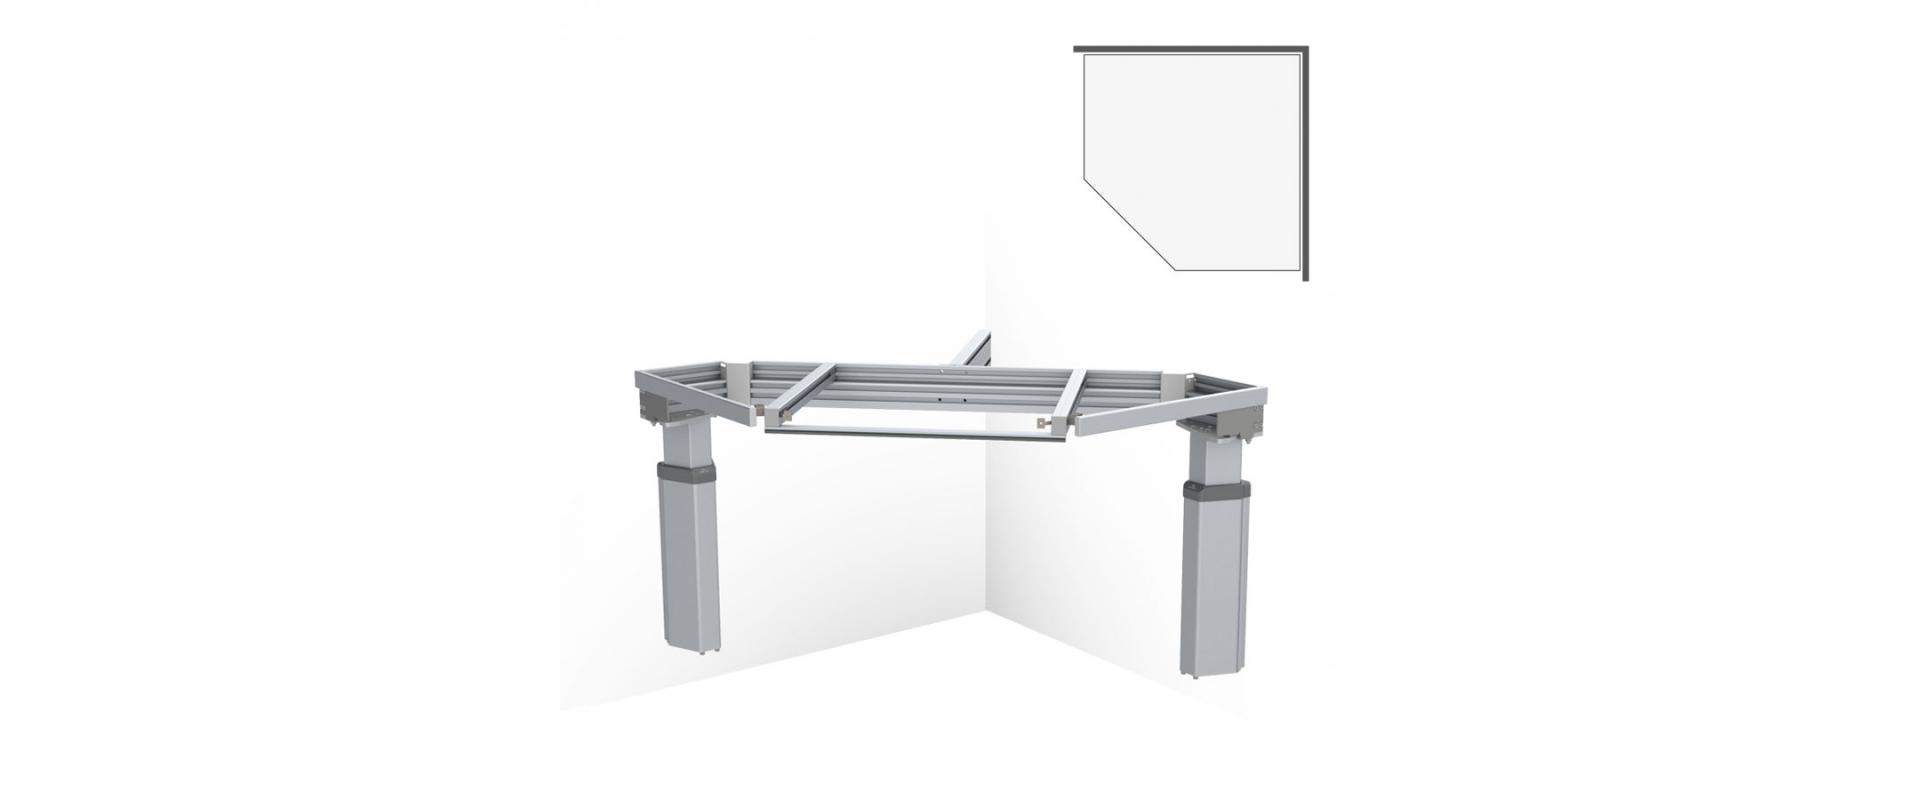 <b>BASELIFT CORNER 6301LA, 45°- 90°, wall-mounted</b>